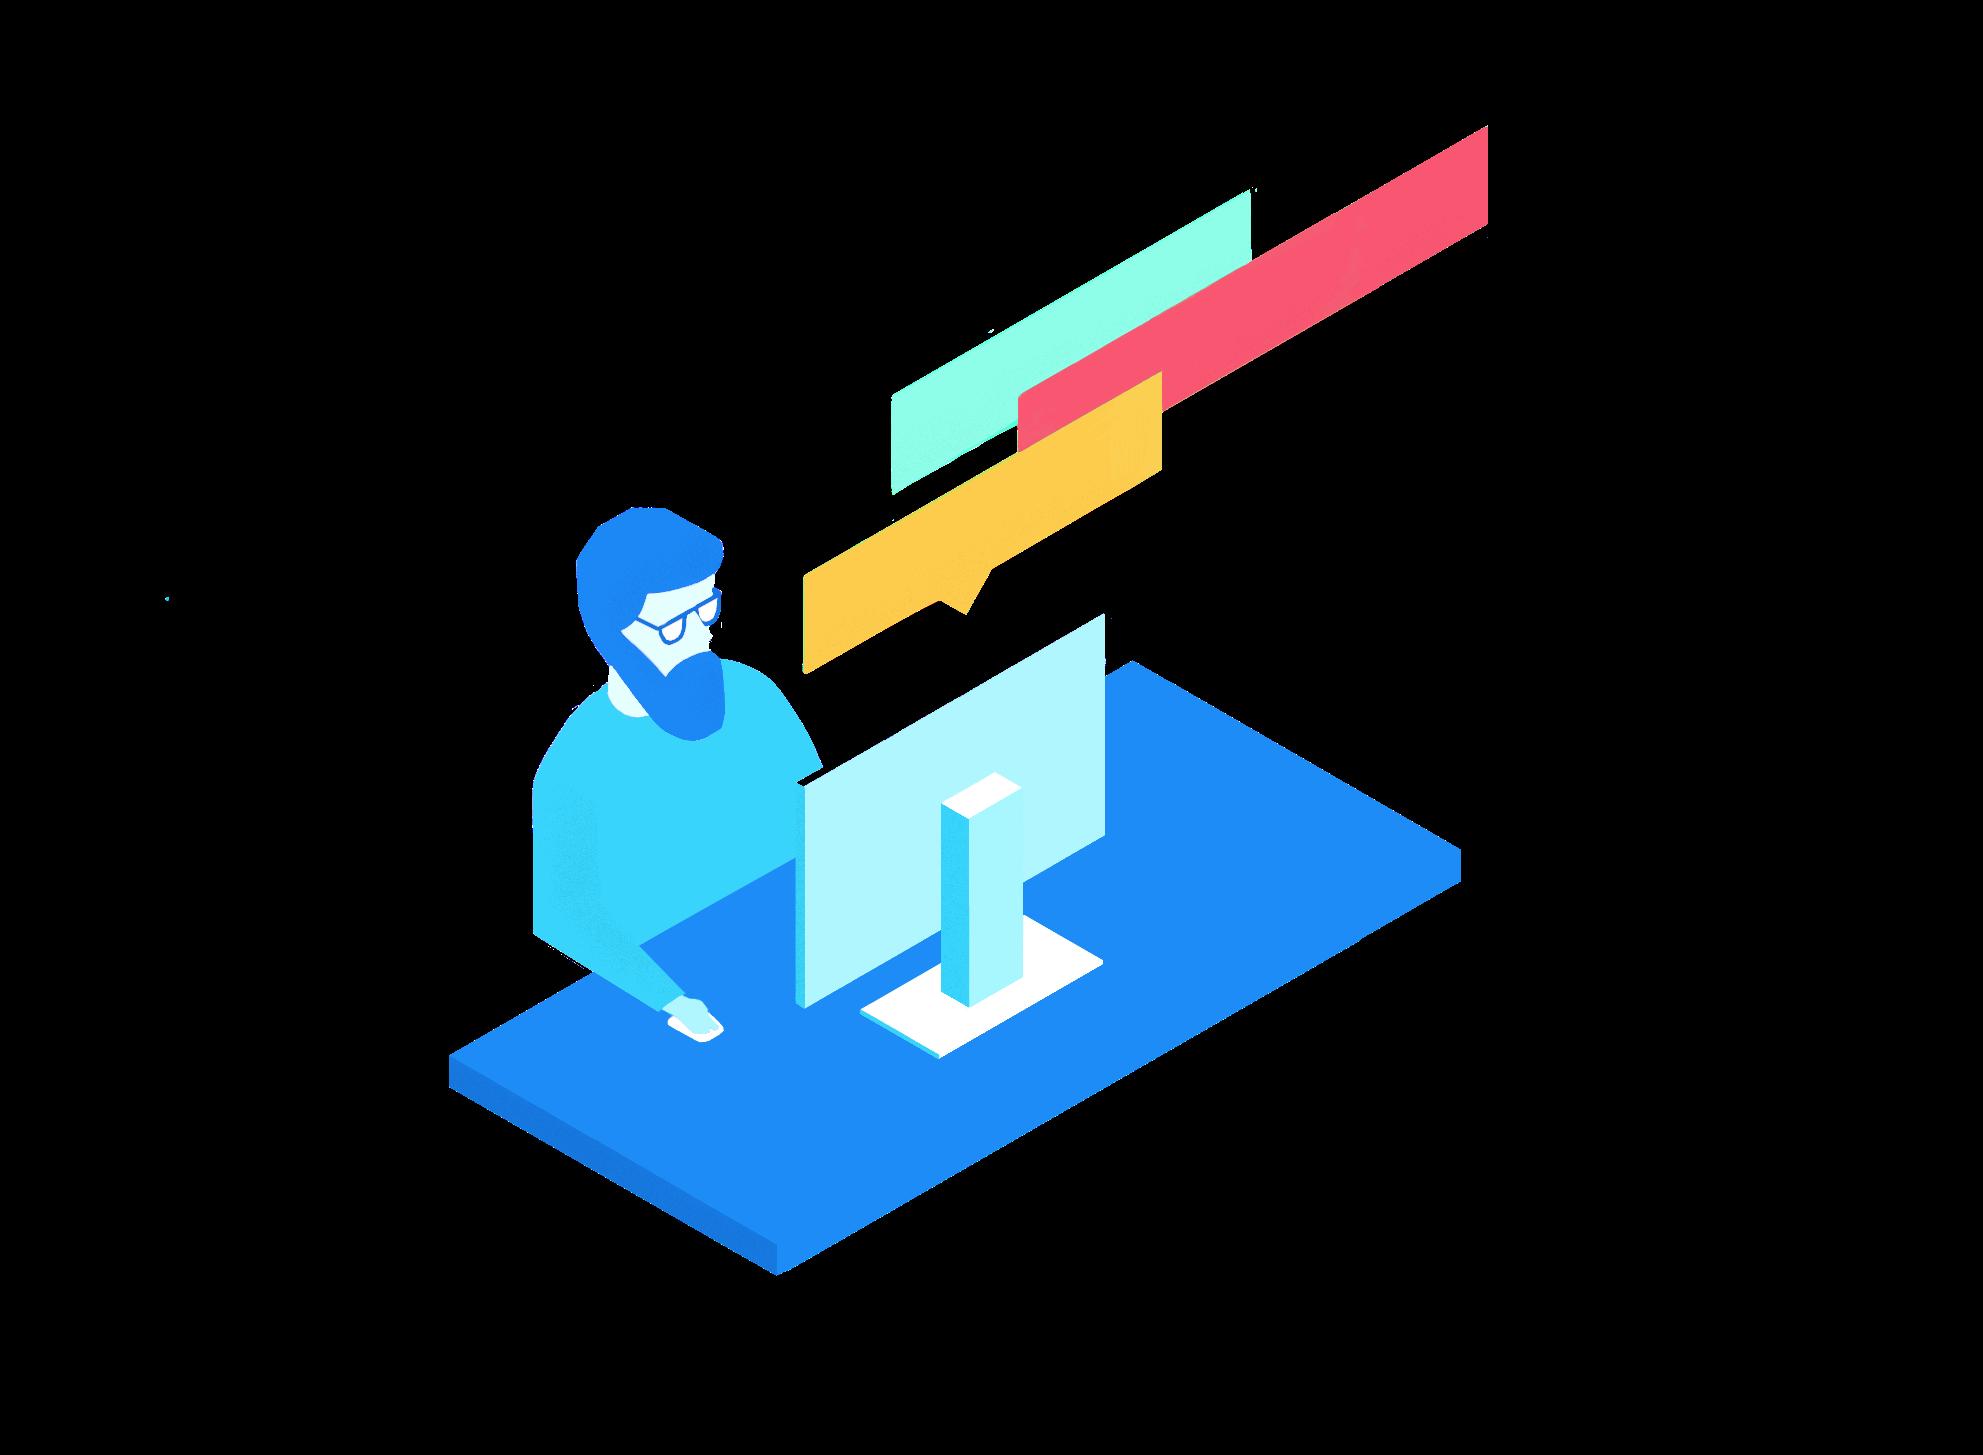 Dein Rechnungsprogramm Einfach Und Online Jetzt Kostenlos Testen